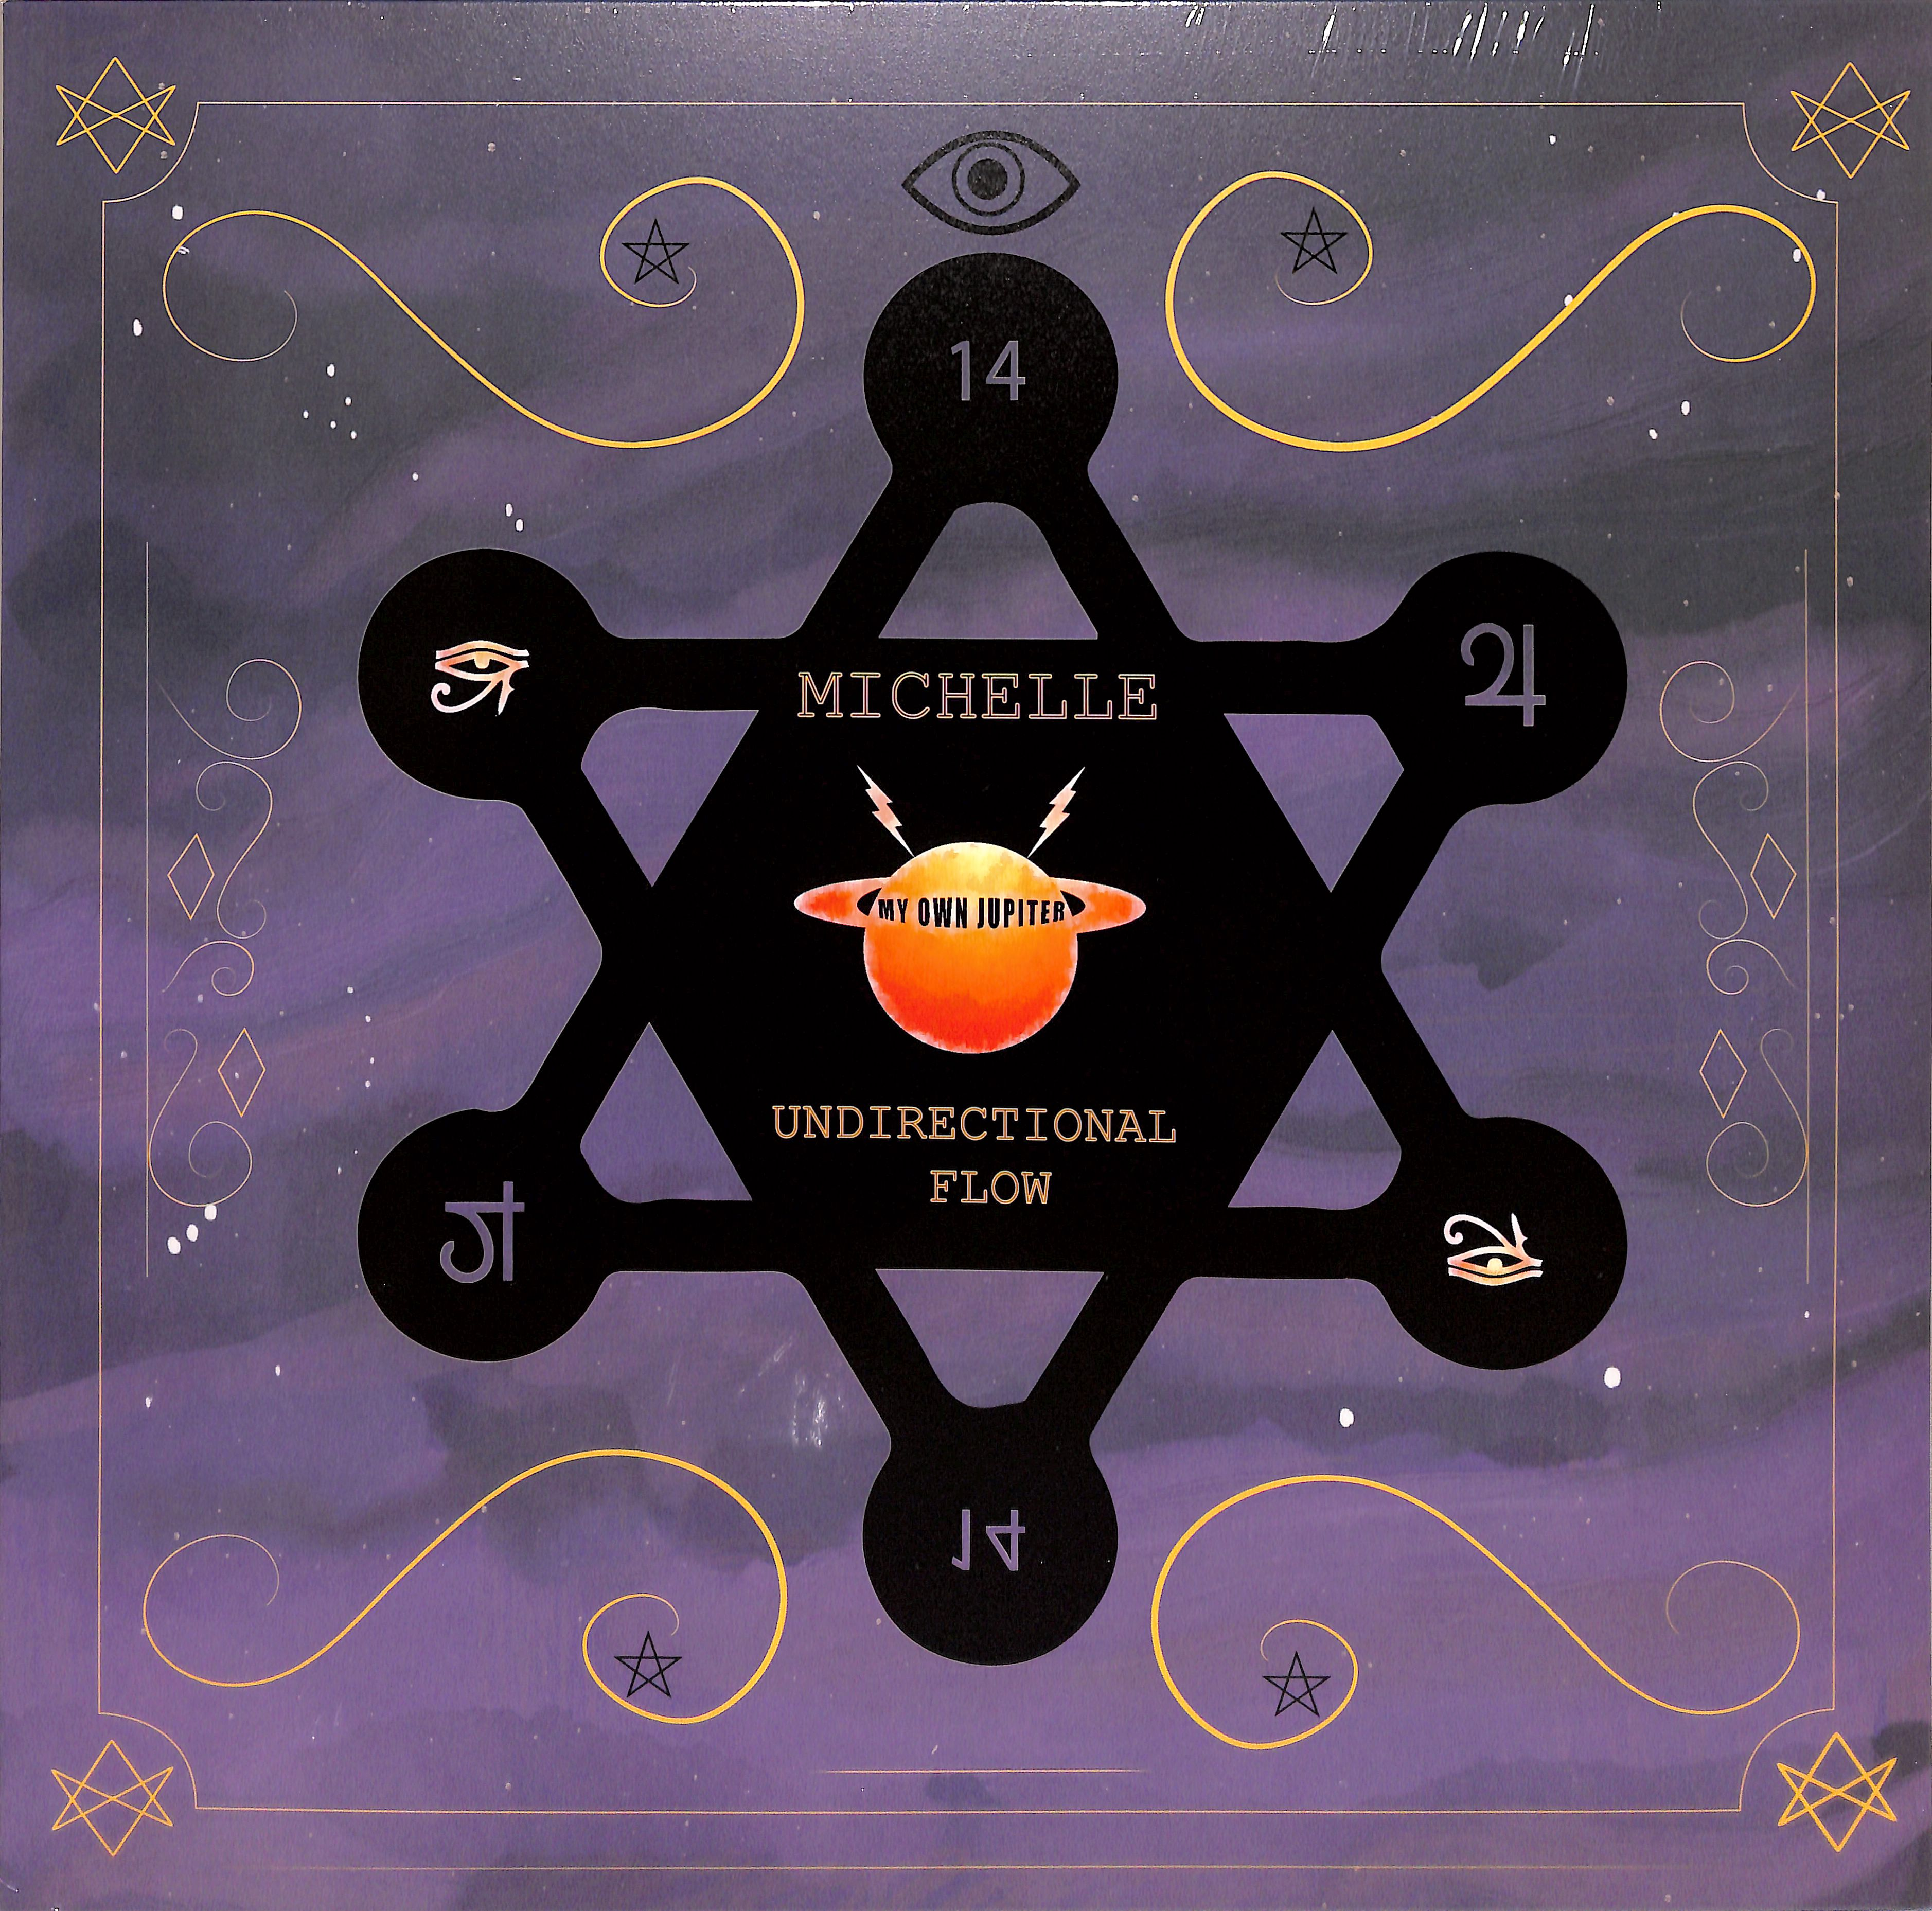 Michelle - UNDIRECTIONAL FLOW